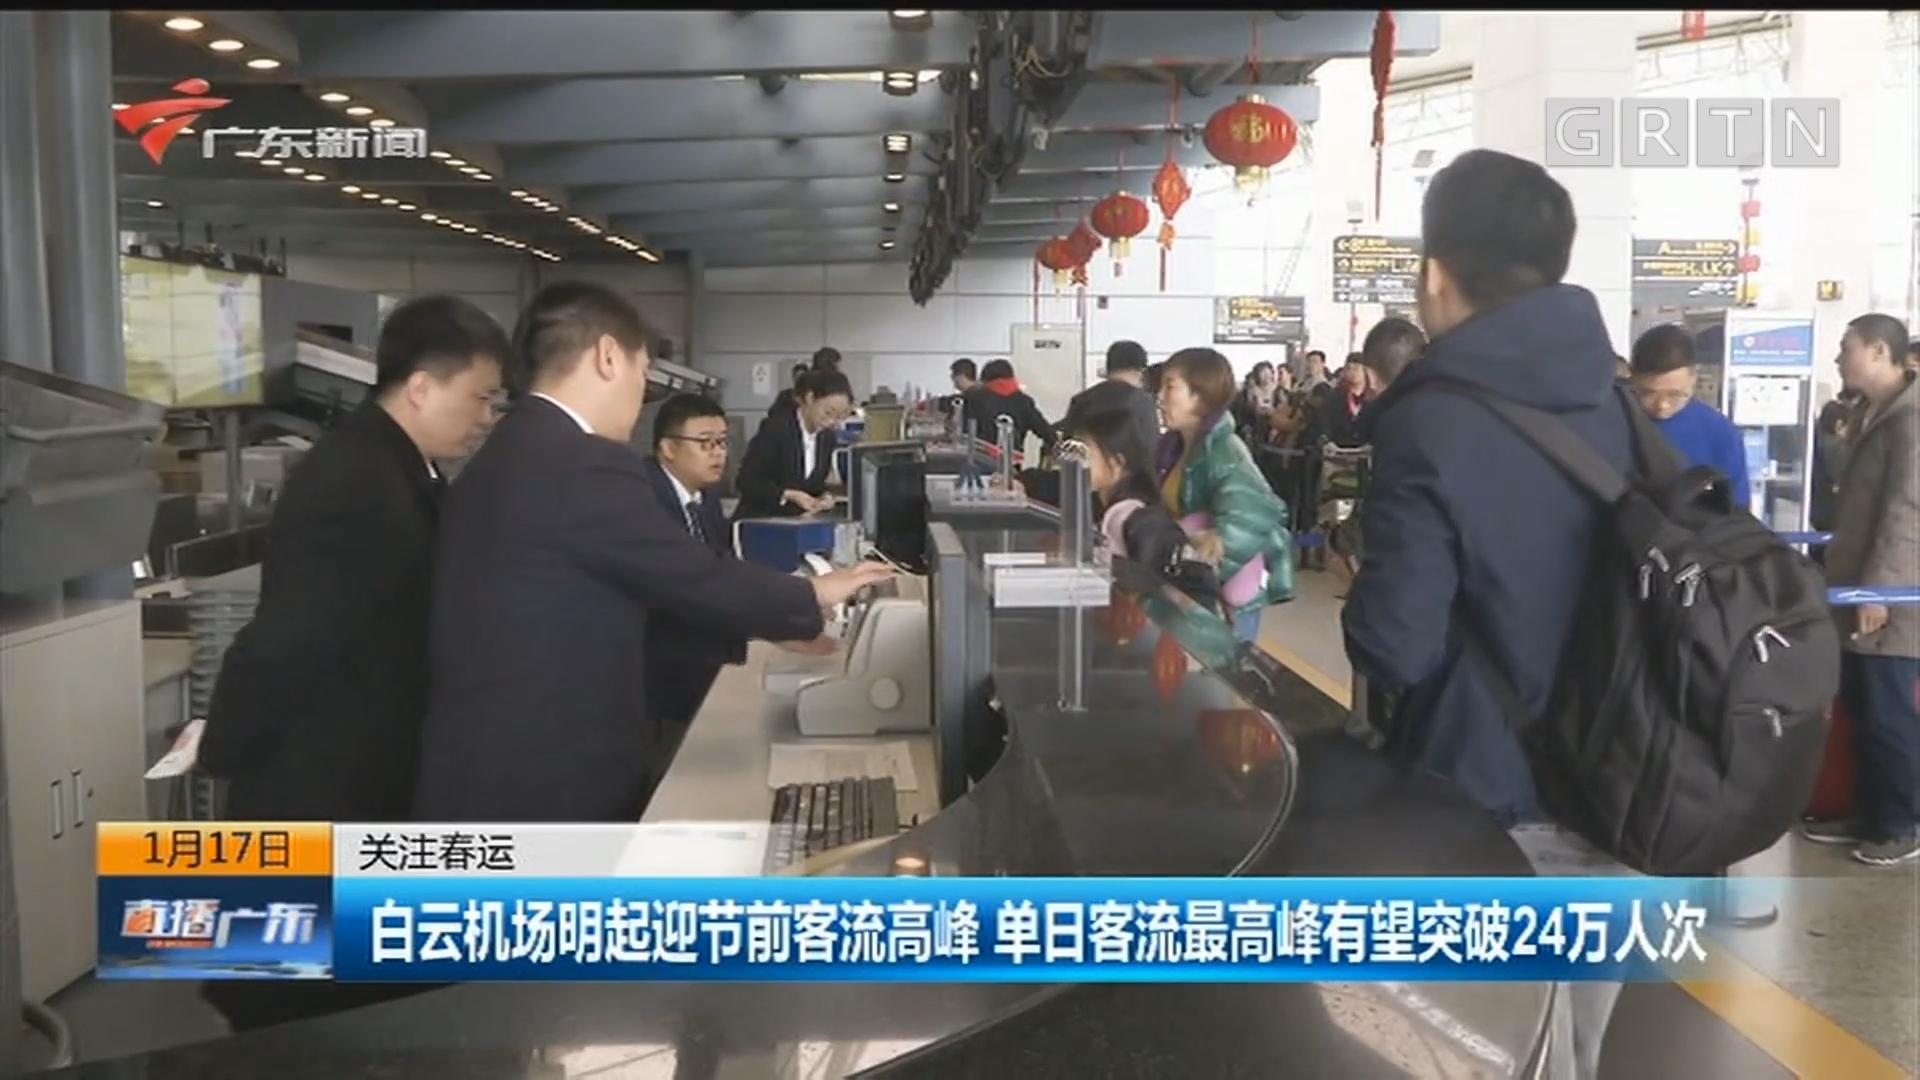 白云机场明起迎节前客流高峰 单日客流最高峰有望突破24万人次